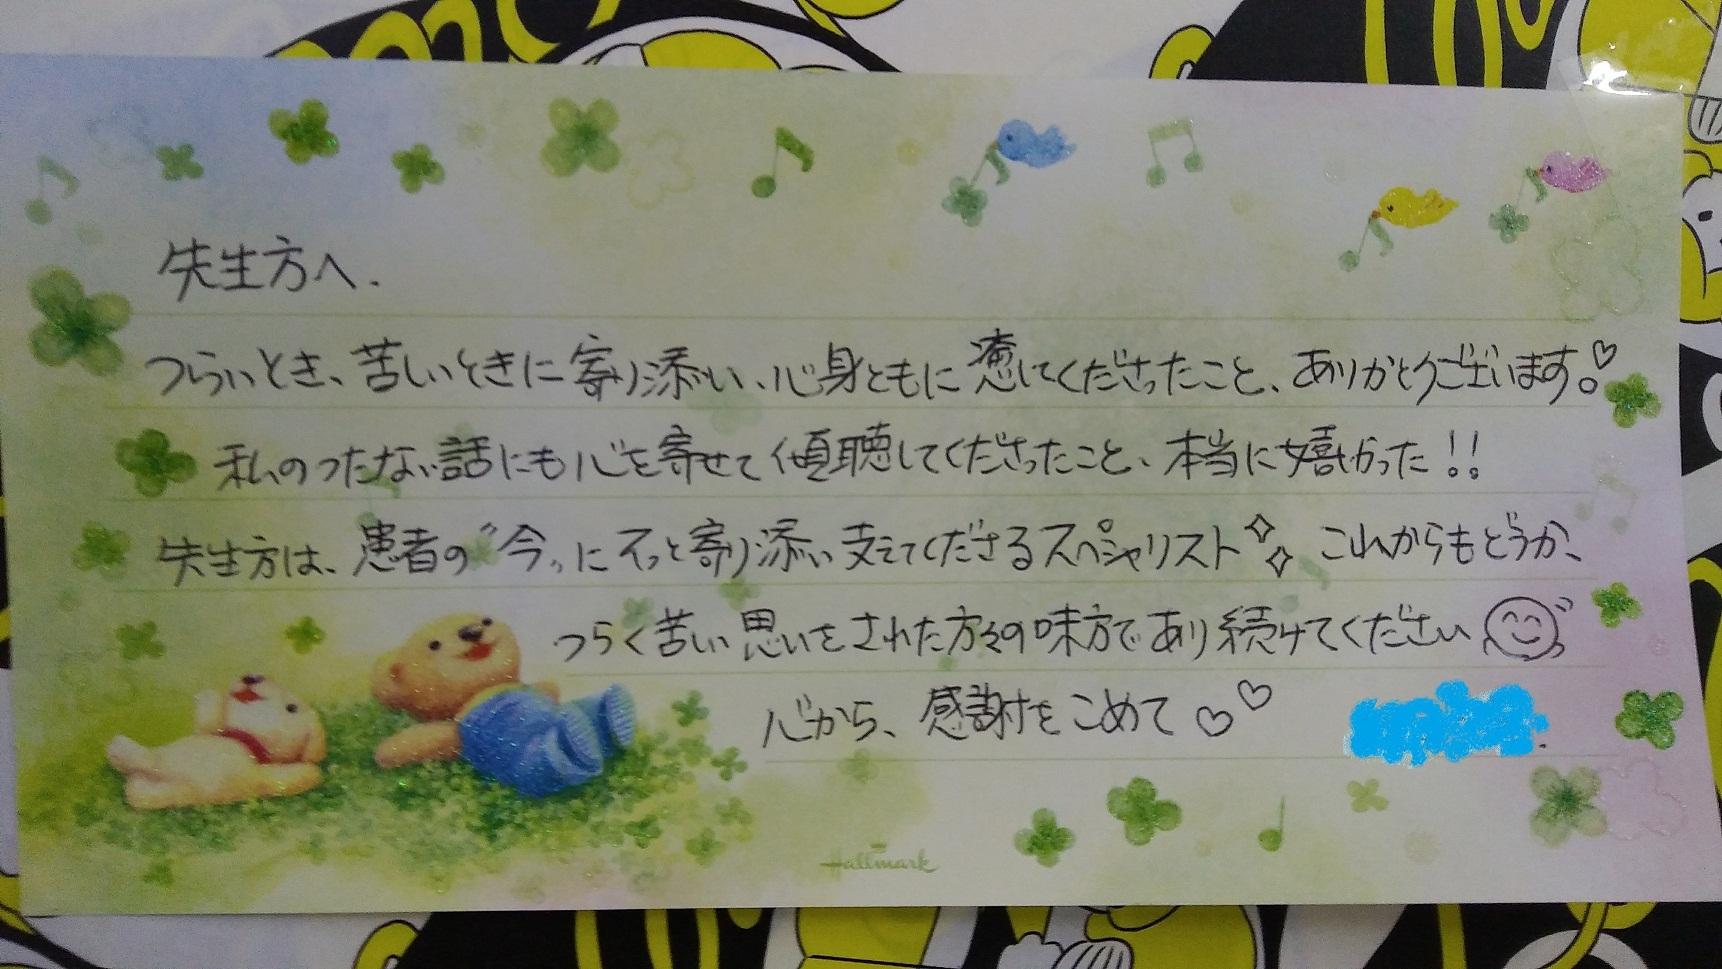 患者様の声●交通事故の患者様から嬉しいお手紙をいただきました。